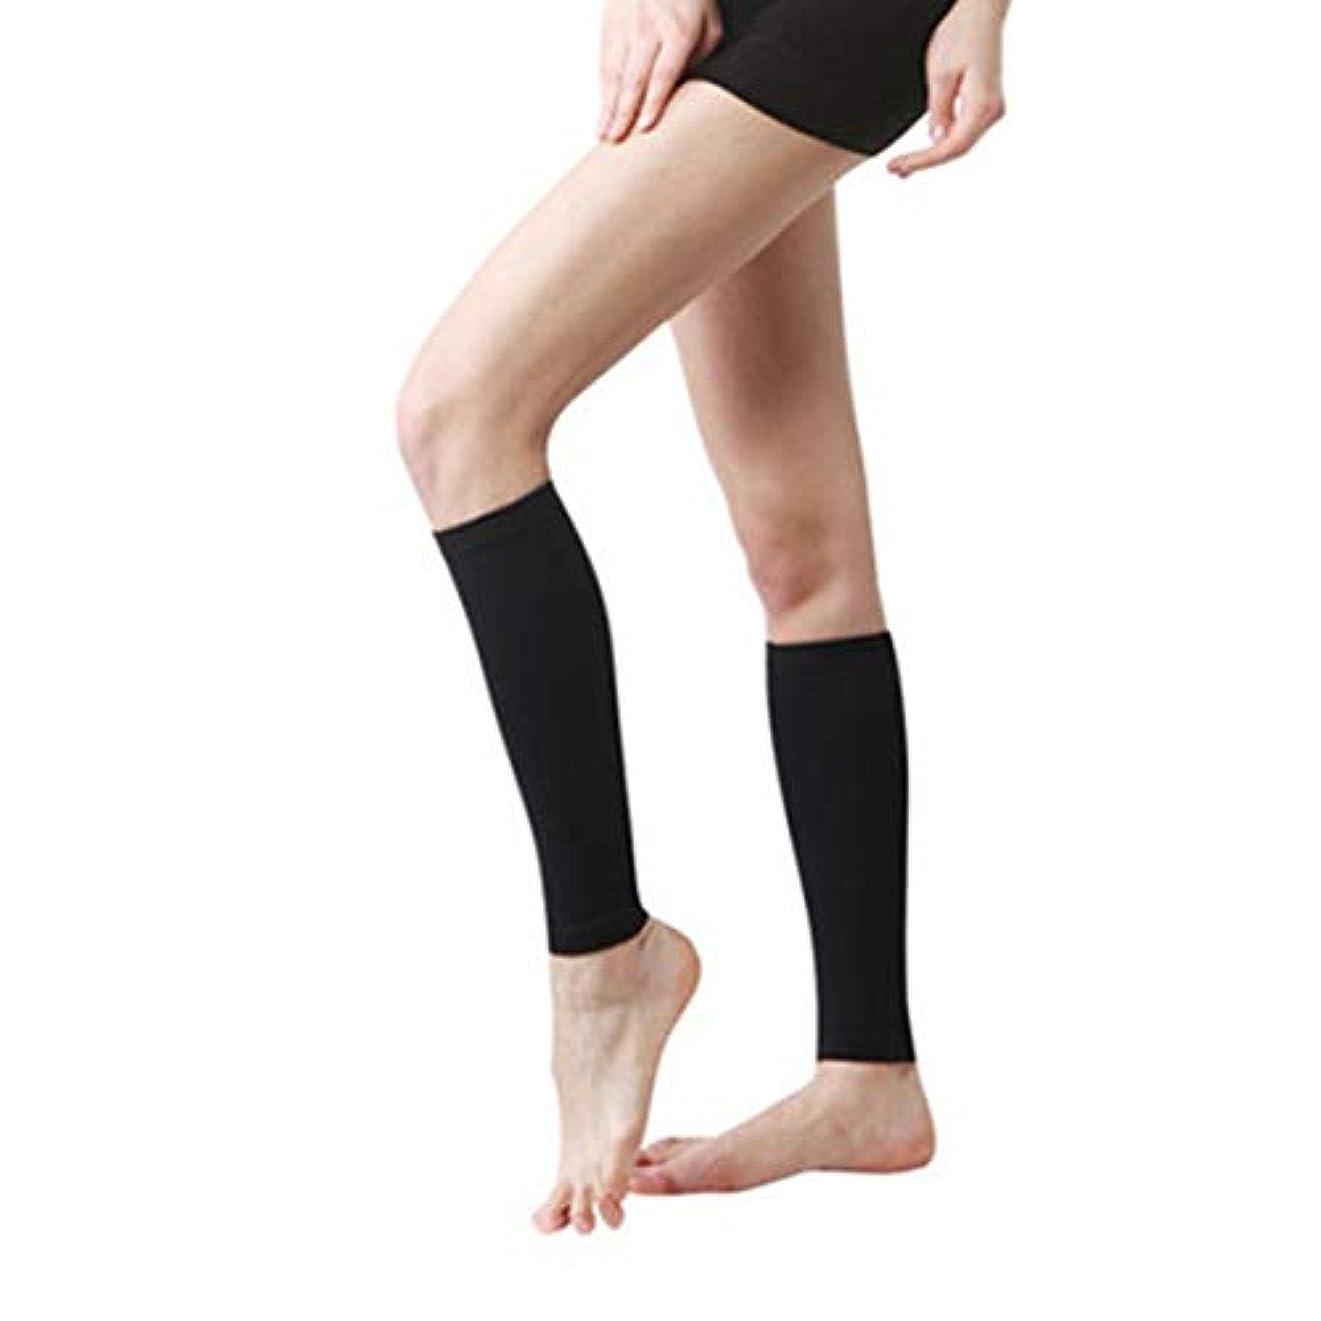 ディスク発行トラクター丈夫な男性女性プロの圧縮靴下通気性のある旅行活動看護師用シンススプリントフライトトラベル - ブラック